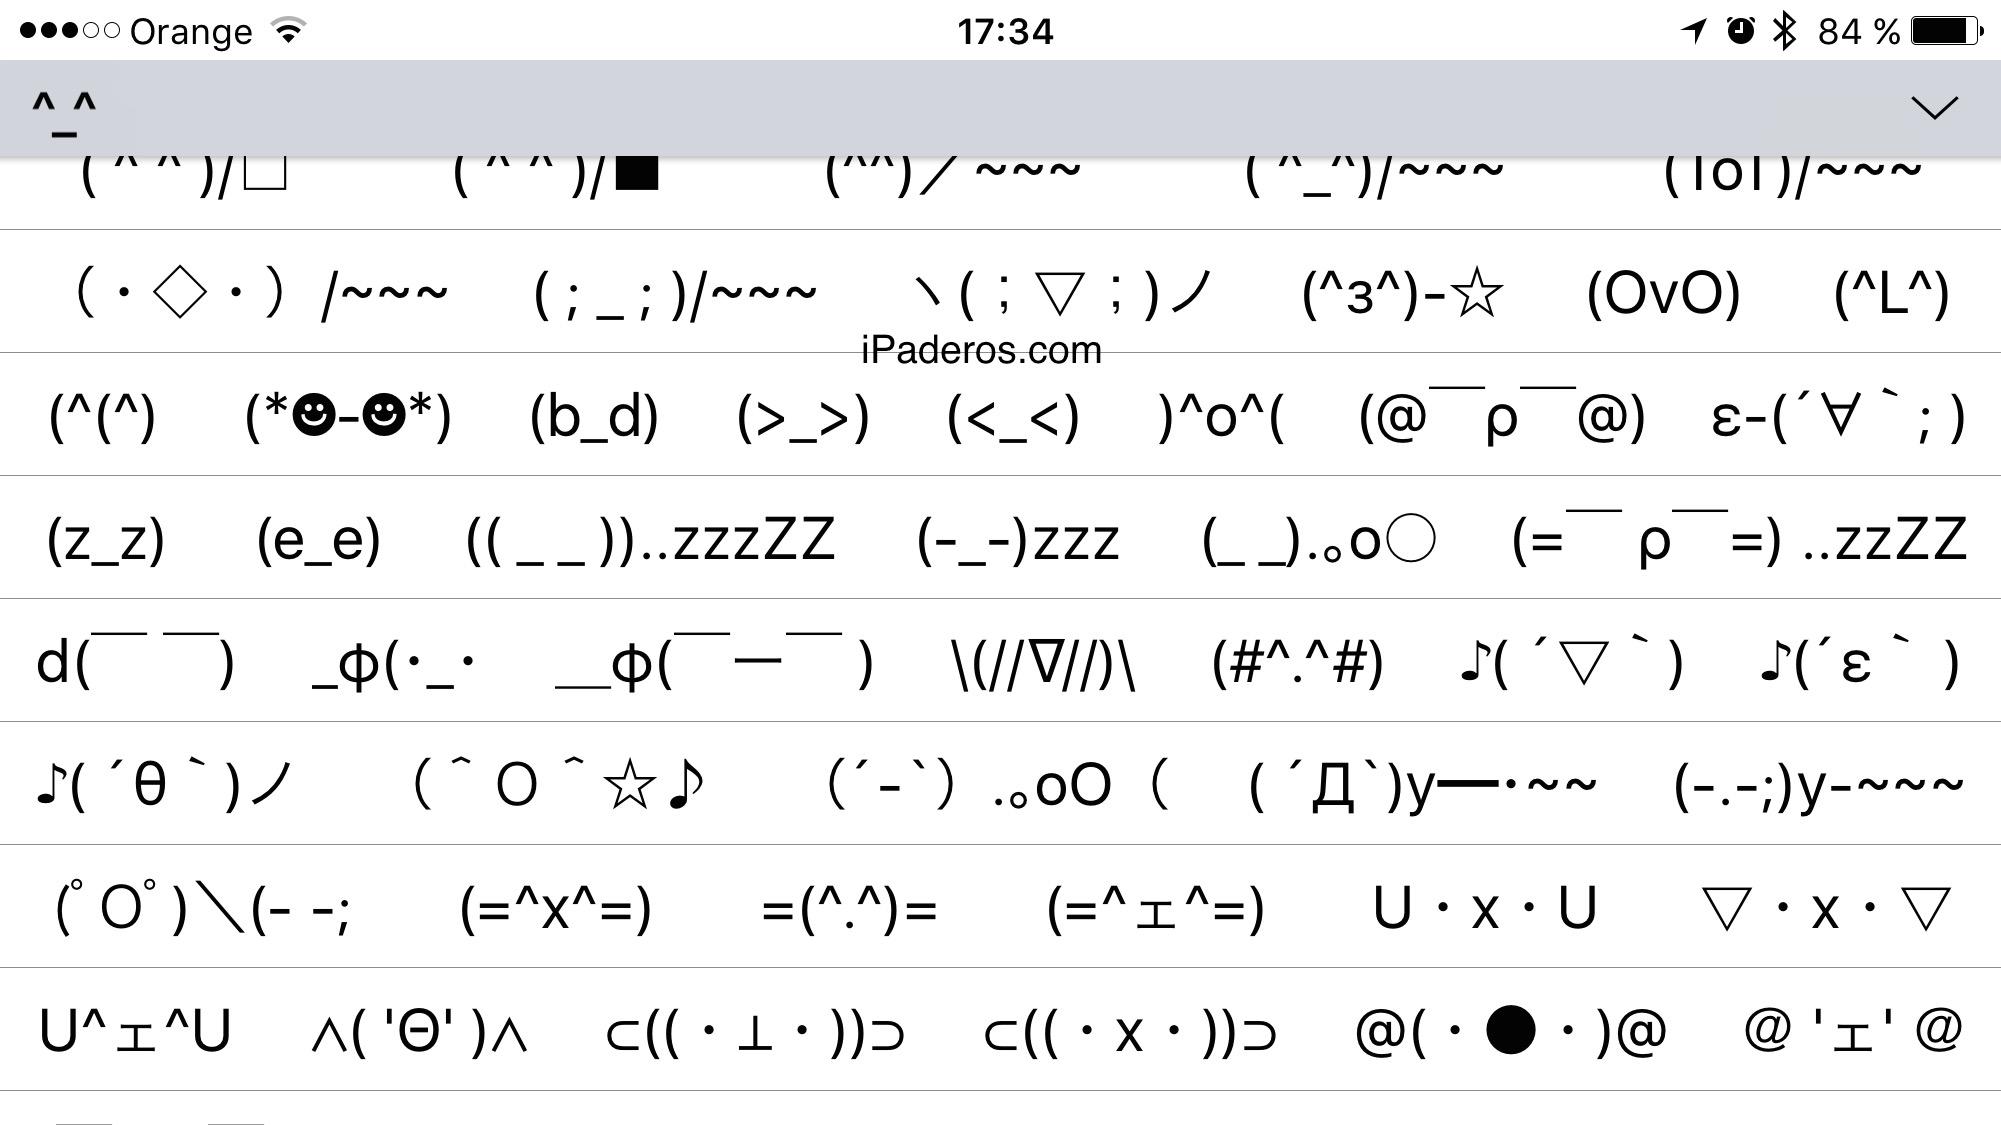 Teclado emotionos iOS oculto  7